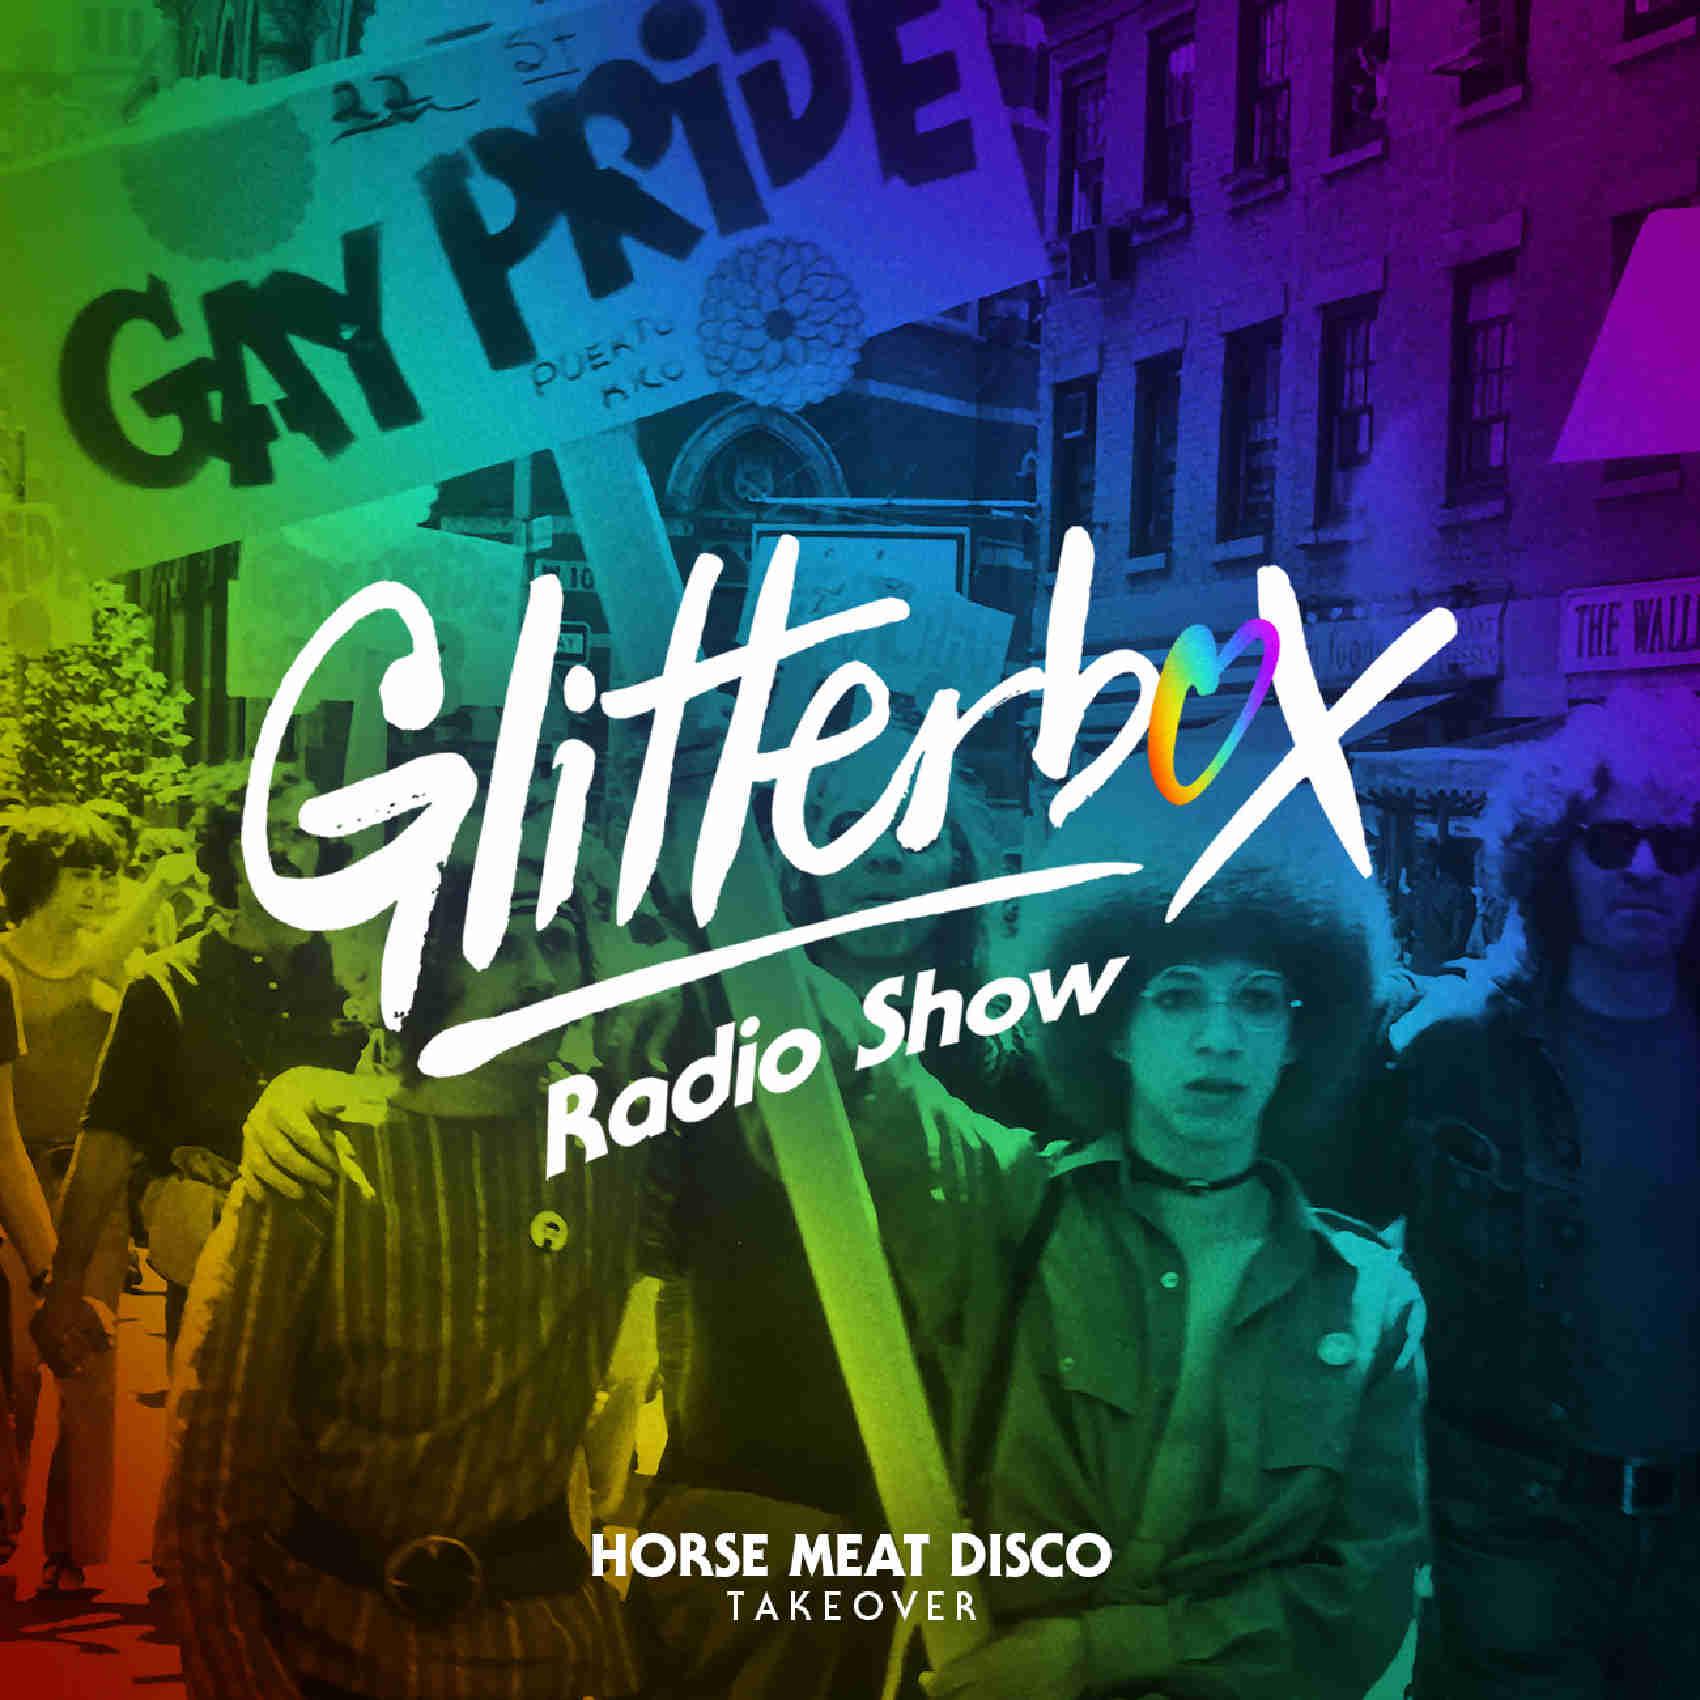 Glitterbox Radio Show 169: Horse Meat Disco Pride Takeover